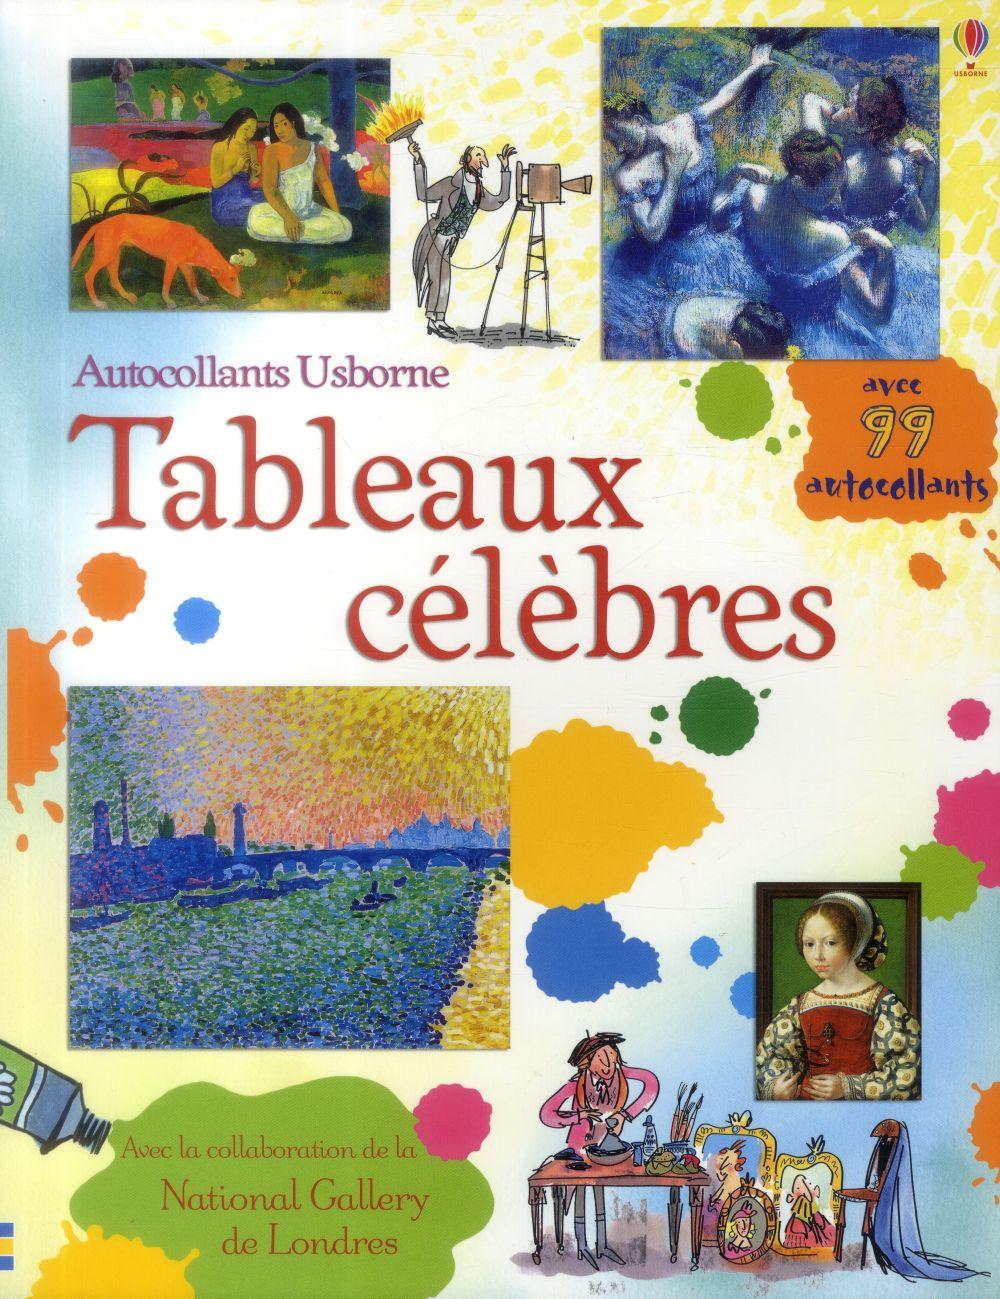 TABLEAUX CELEBRES - AUTOCOLLANTS USBORNE